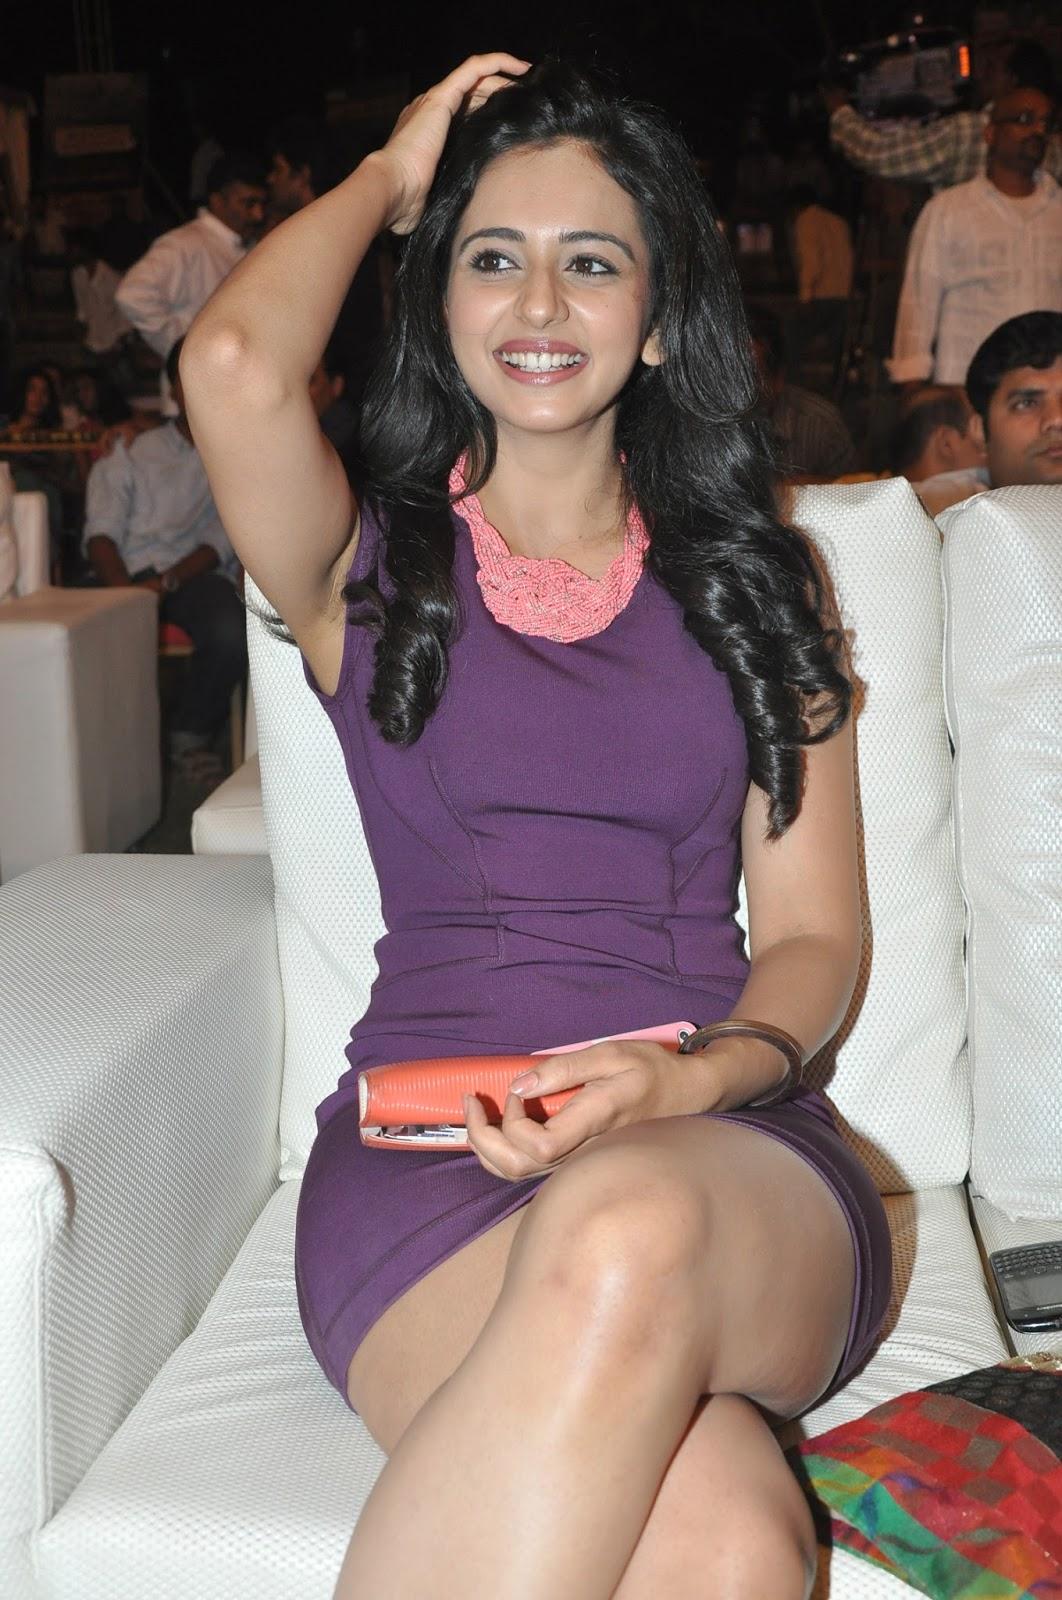 enjoy world: rakul preet singh yaariyan movie south indian actress